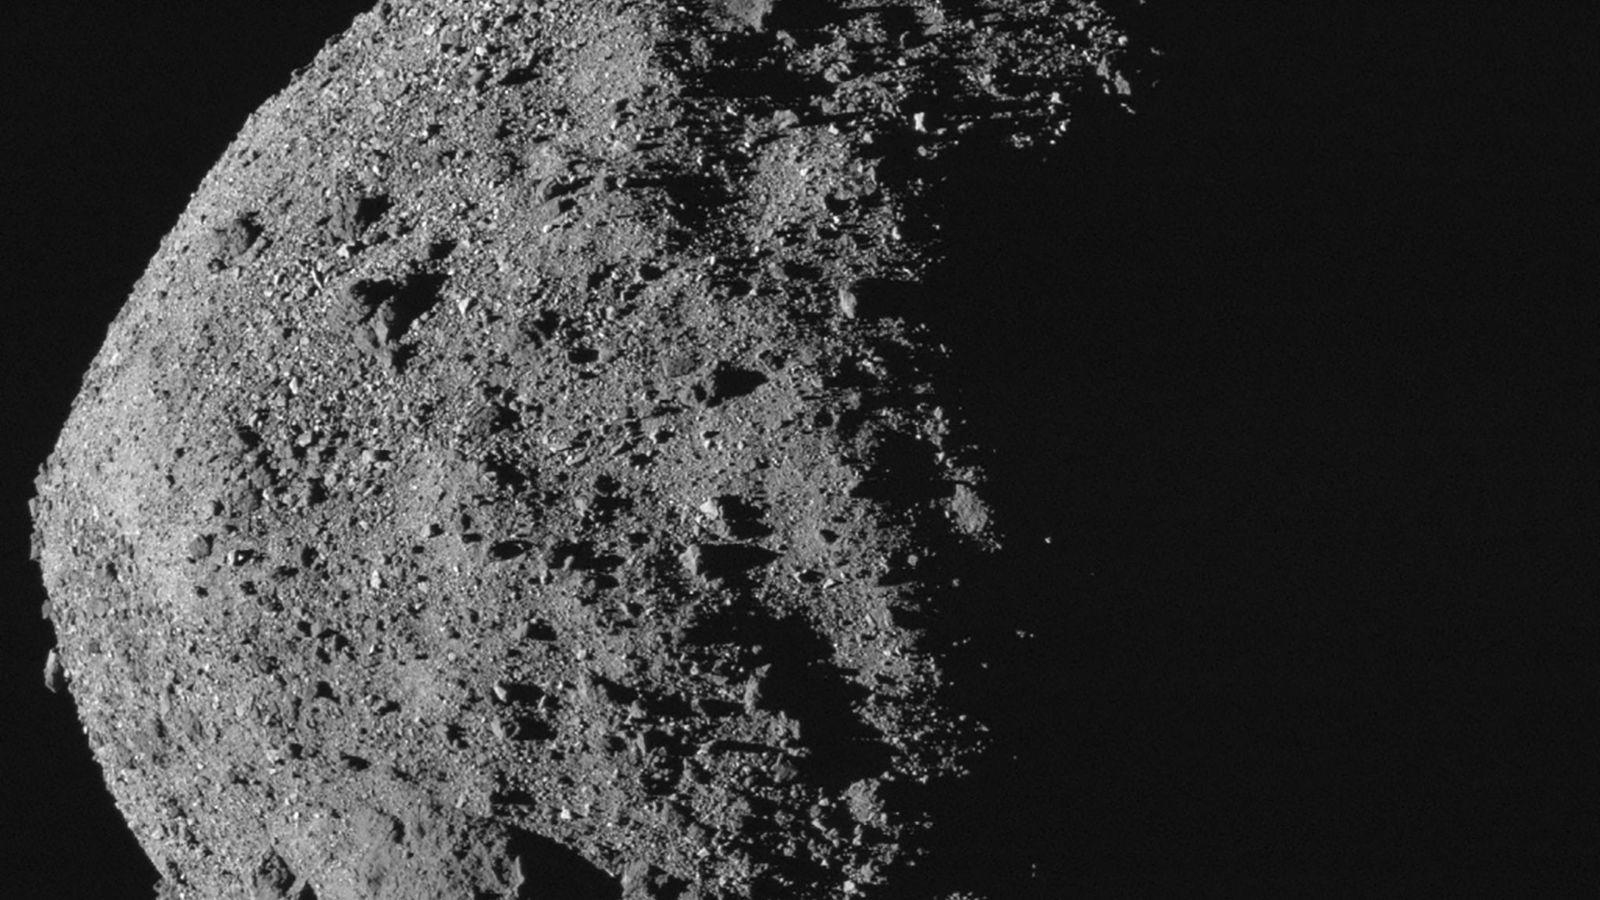 Bénou est un astéroïde géocroiseur légèrement plus grand et plus large que l'Empire State Building. Parmi ...